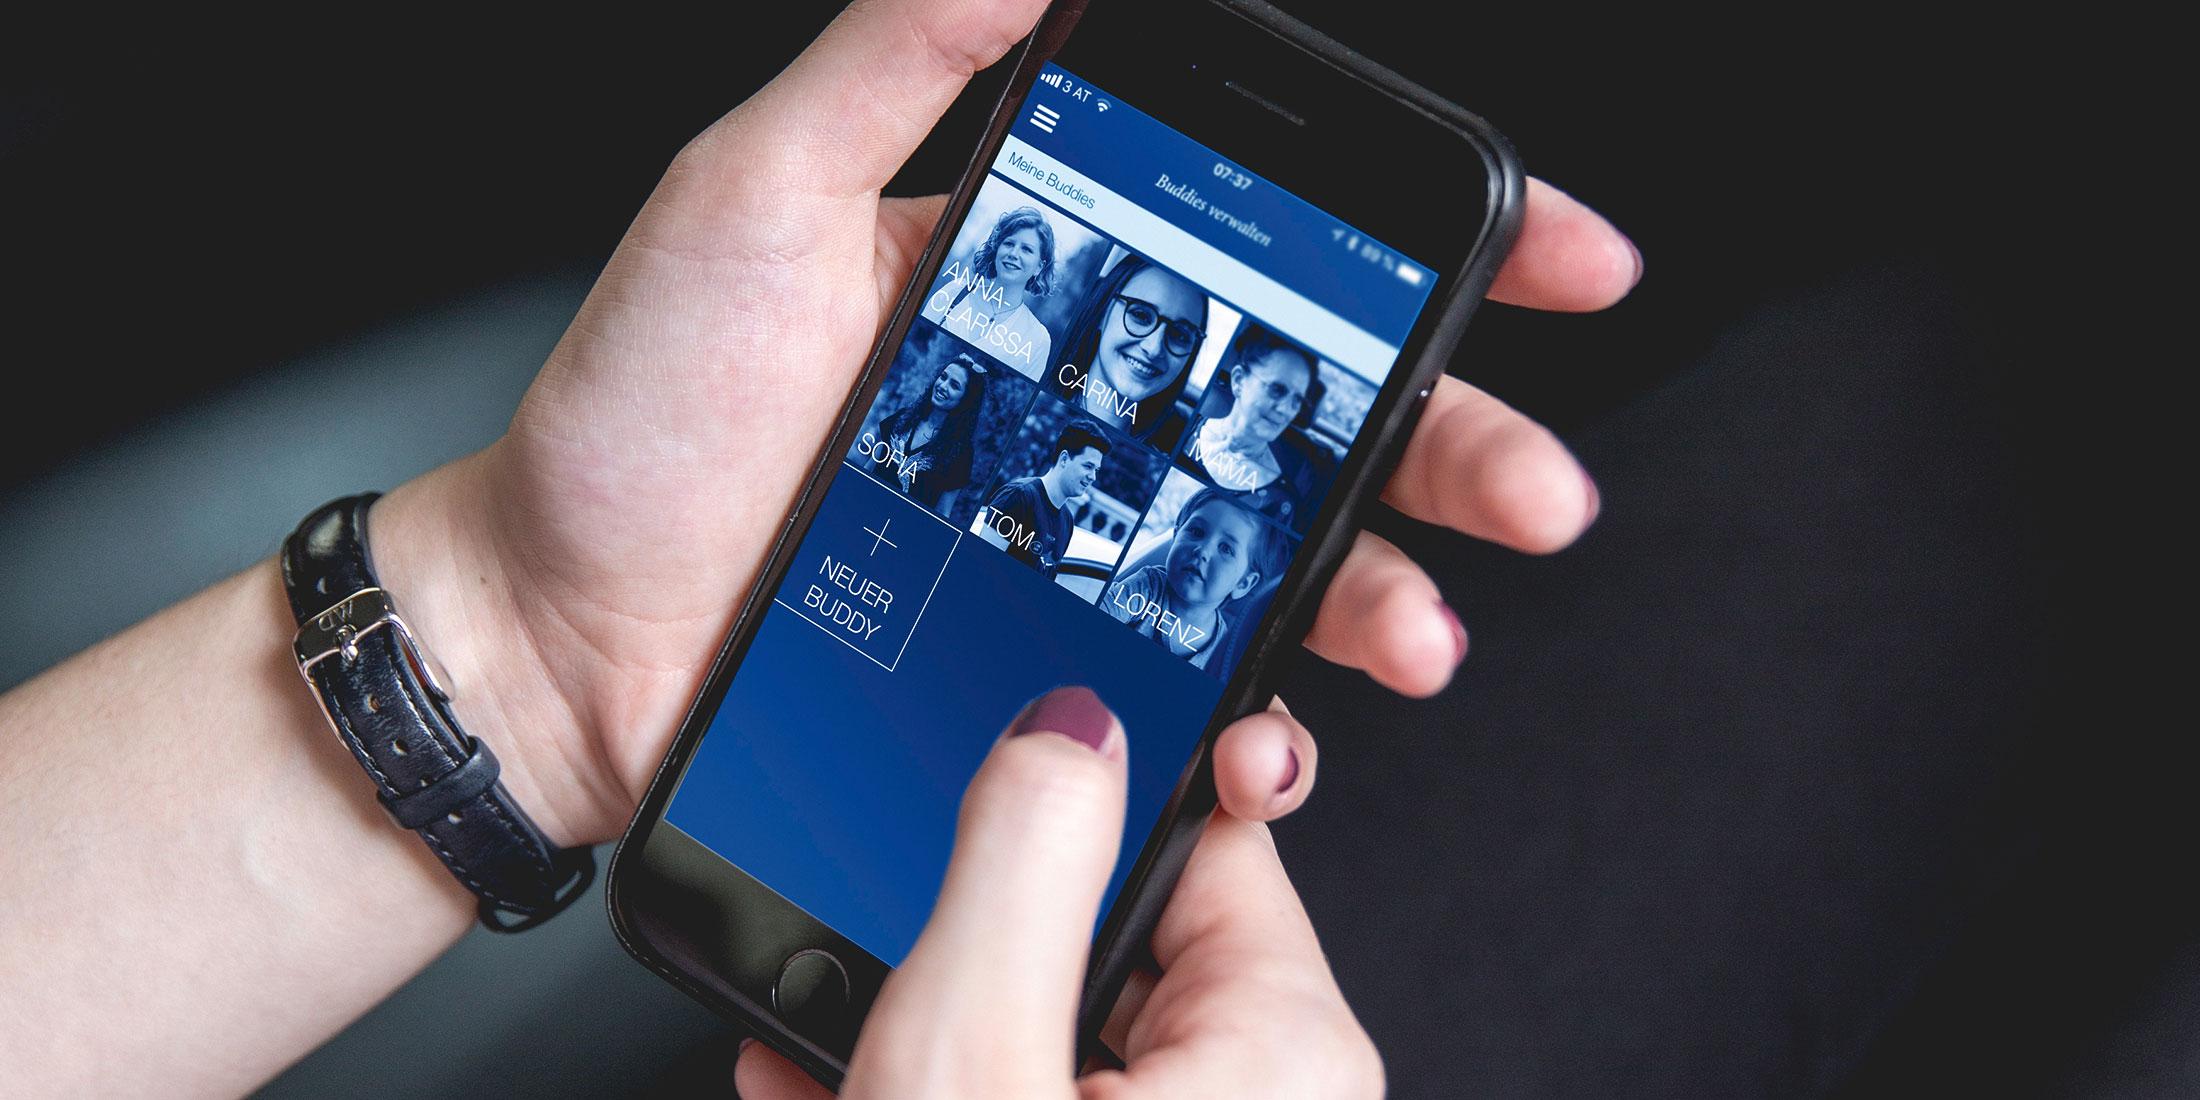 Der Buddy Screen der TaxiPlus App ist am Display eines Handys zu sehen, welches von einer Frau gehalten wird.